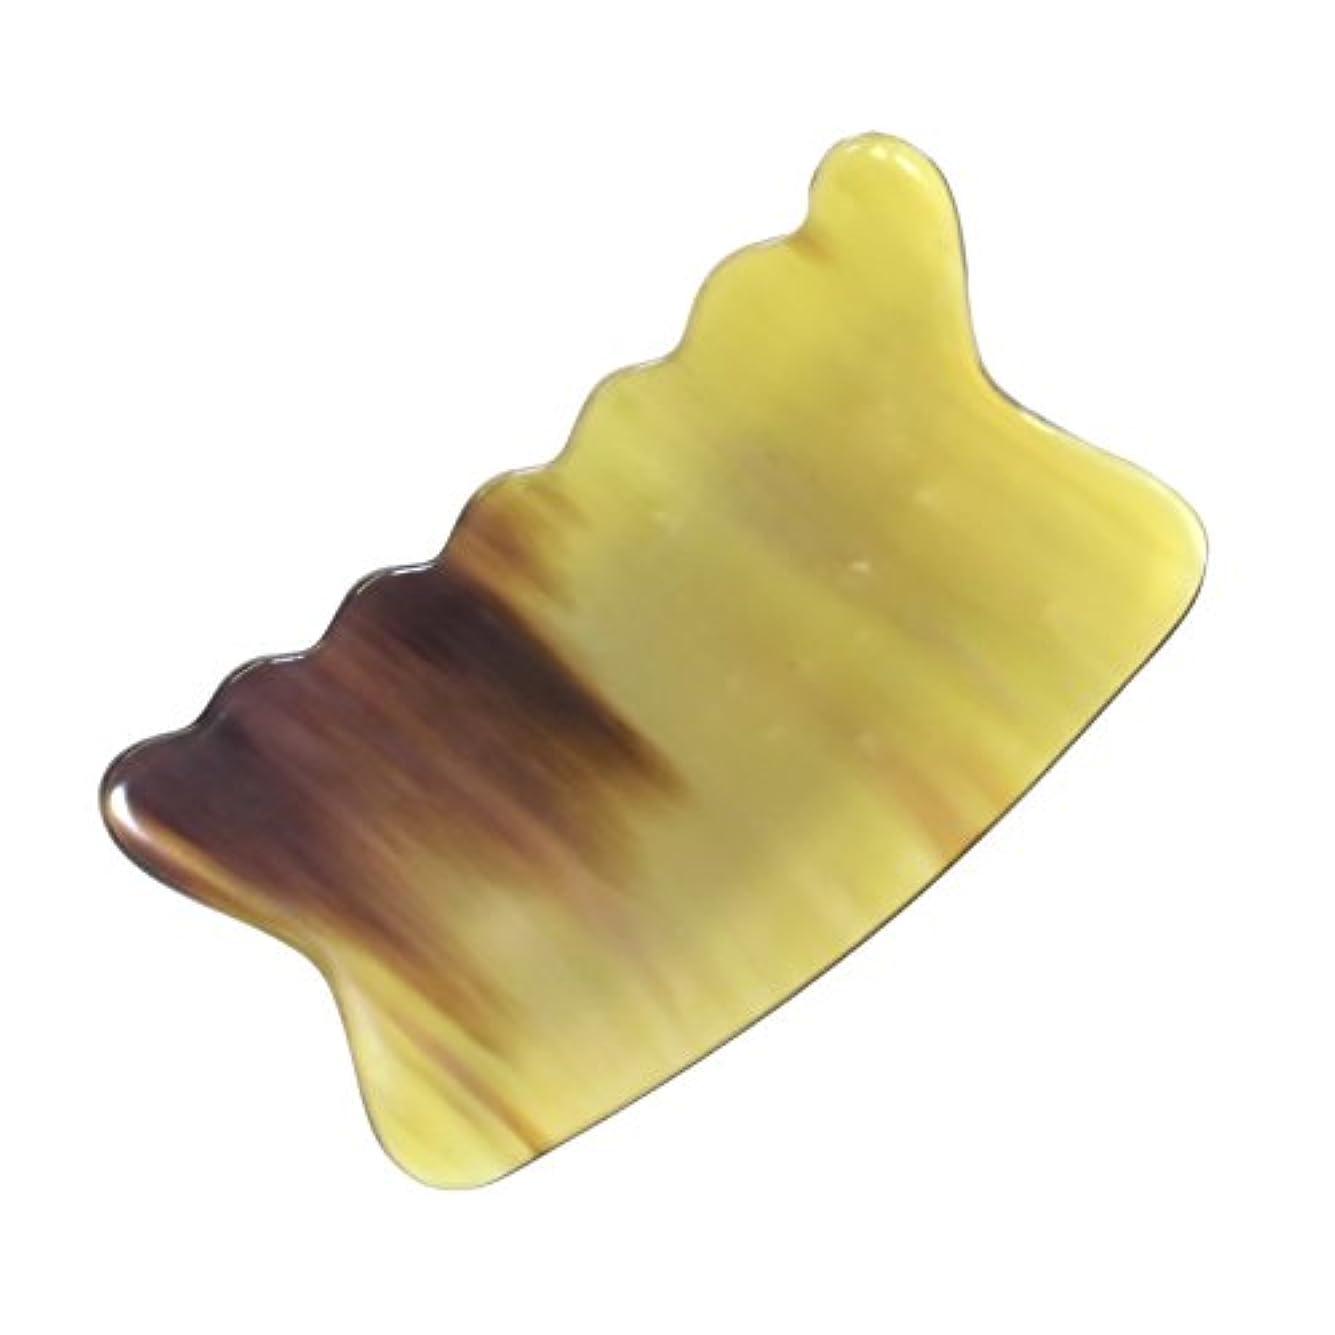 洞察力のある中央徹底かっさ プレート 希少61 黄水牛角 極美品 曲波型